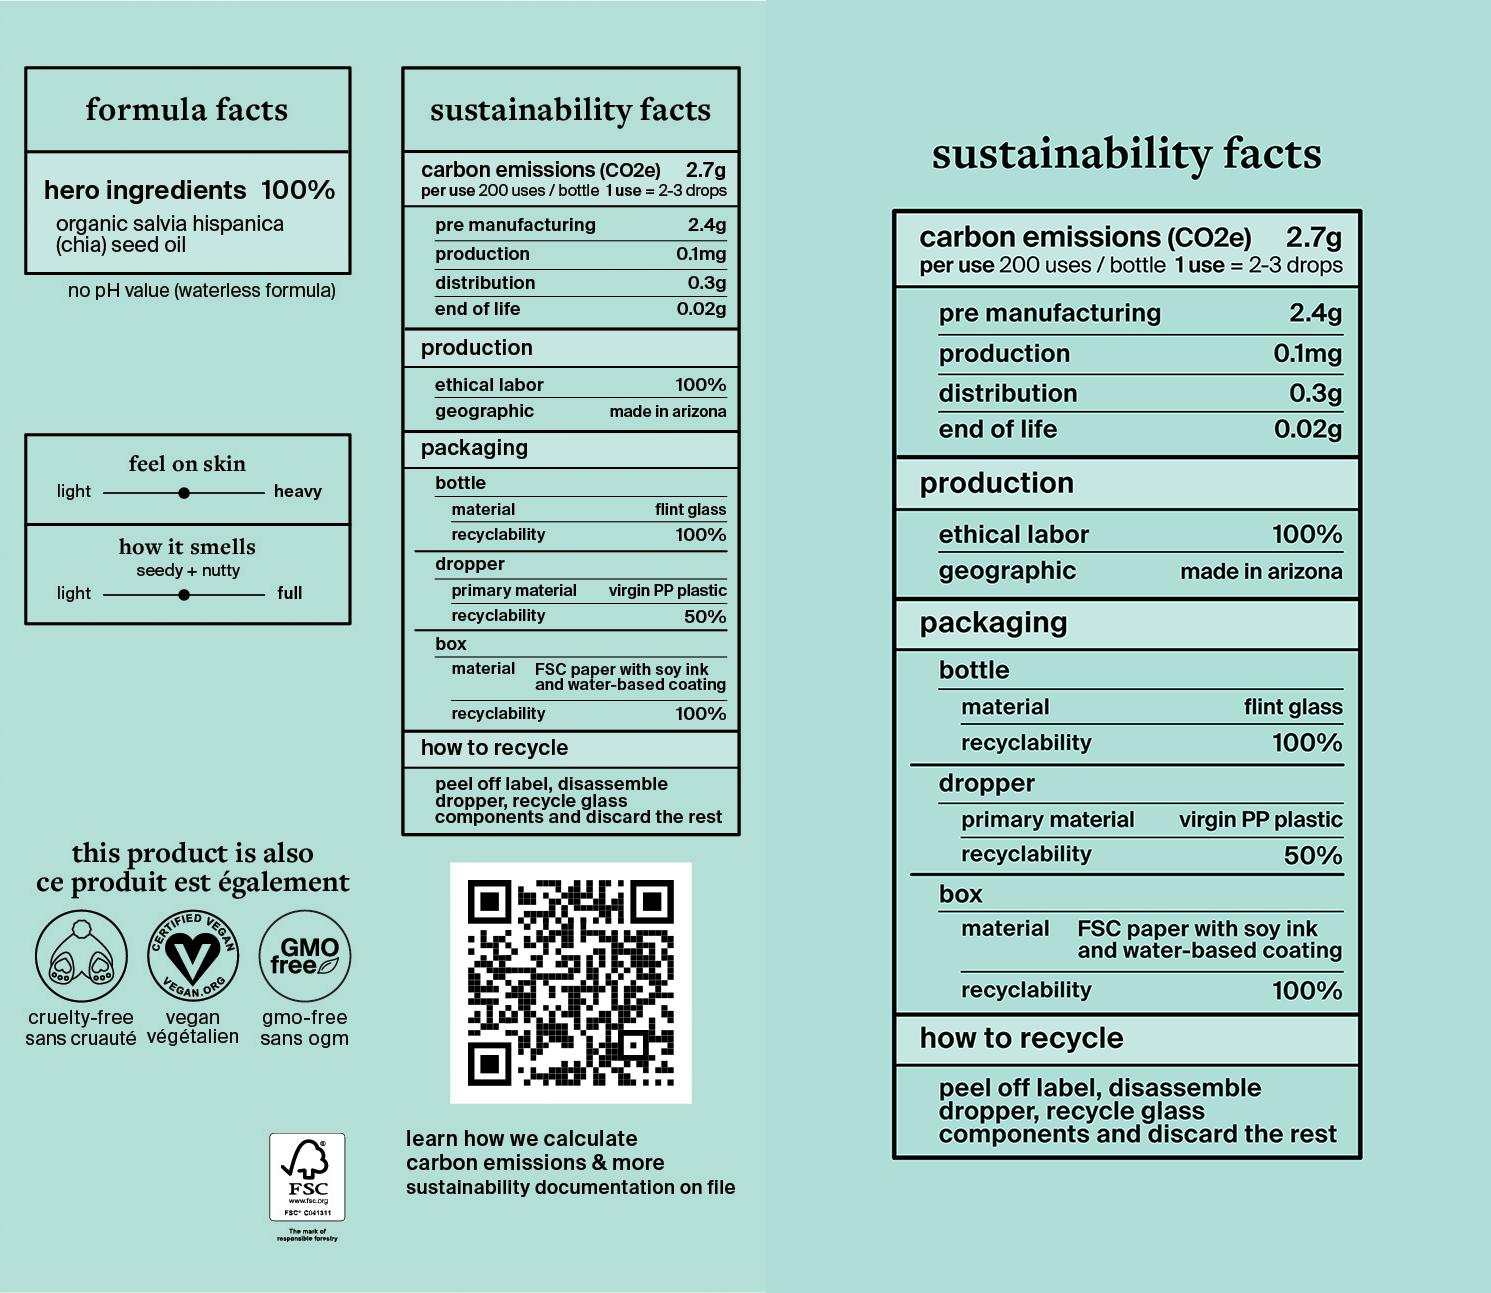 Etiquetas de la fórmula de Cocokind's y de los datos de sostenibilidad